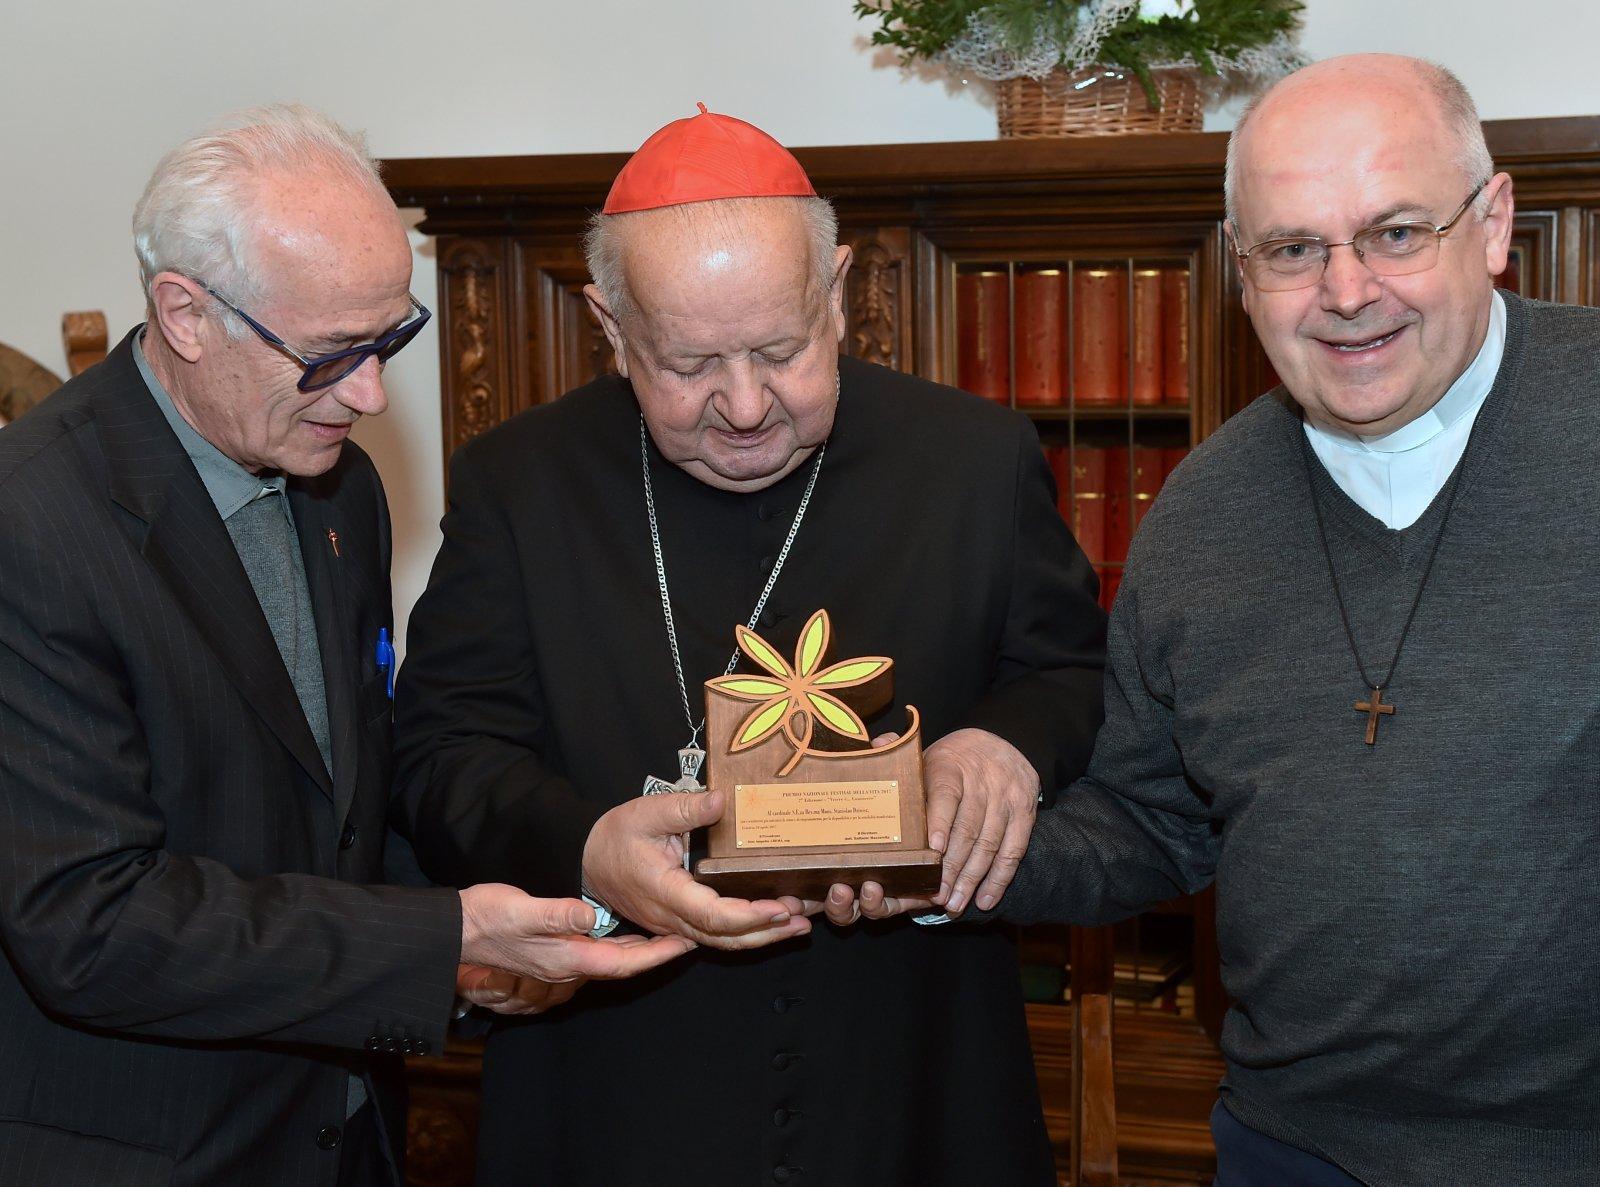 Kardynał Dziwisz odebrał w Krakowie nagrodę Premio Festival della Vita 2017  przyznawaną przez włoski Festiwal Życia. Fot. PAP/Jacek Bednarczyk